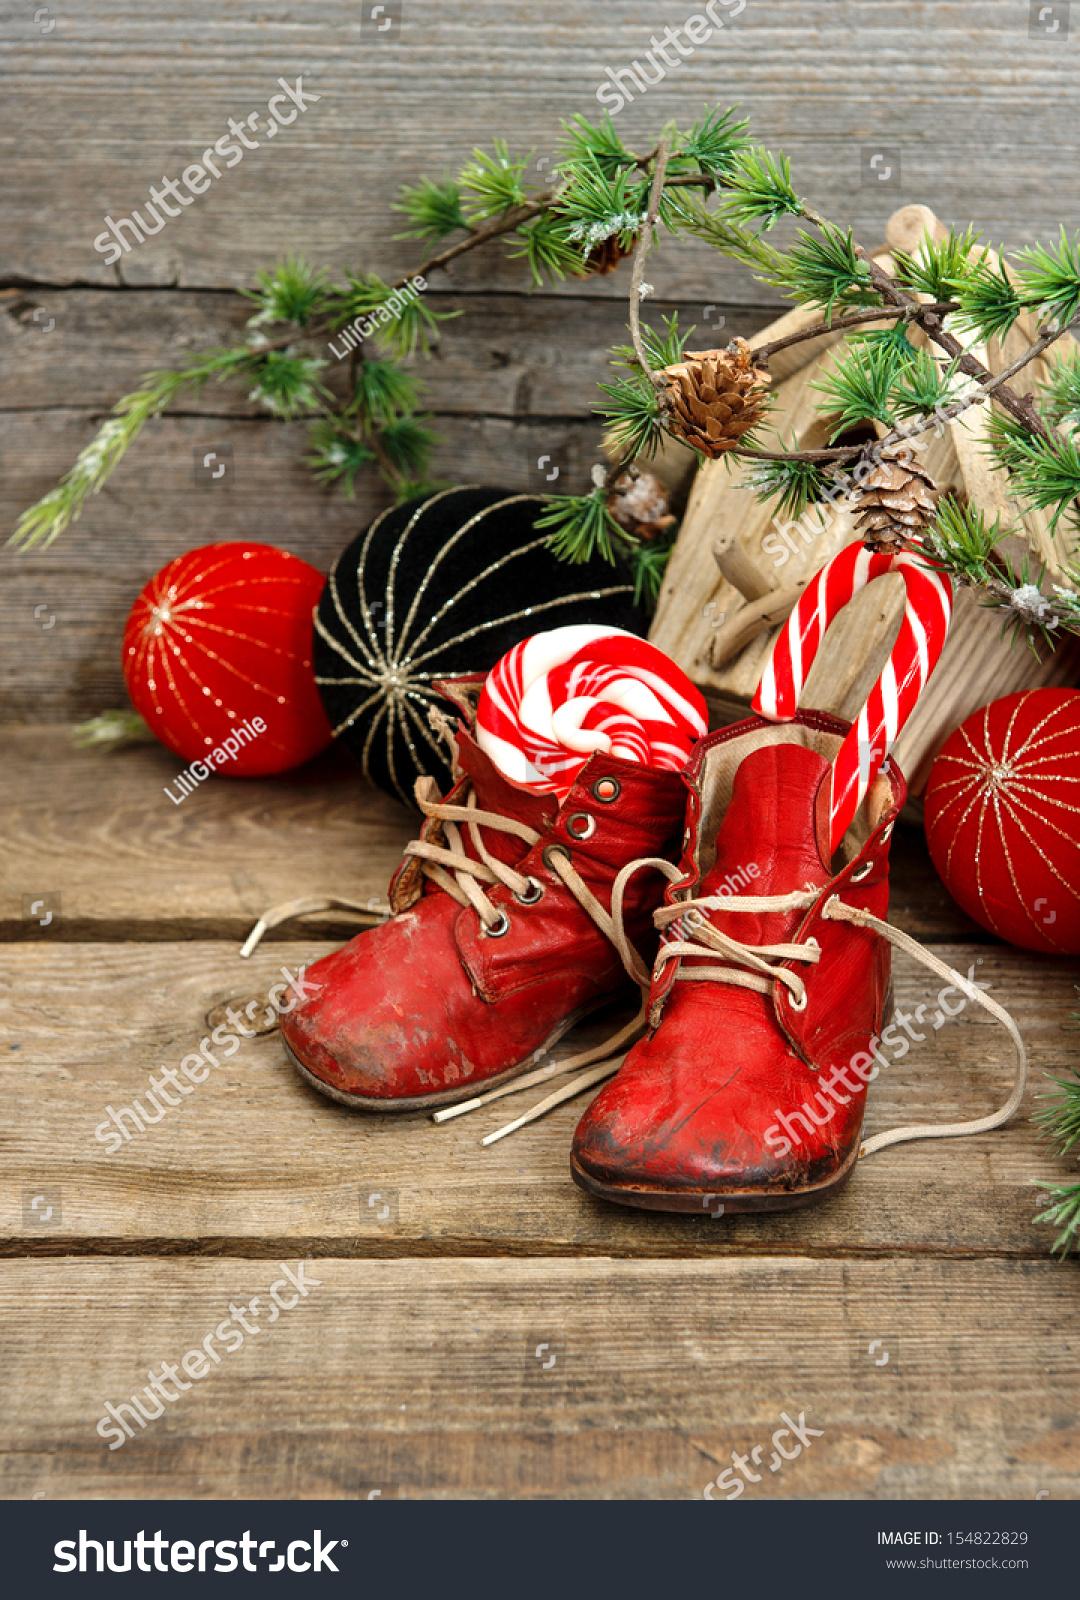 Christmas stocking nostalgic decoration with antique toys